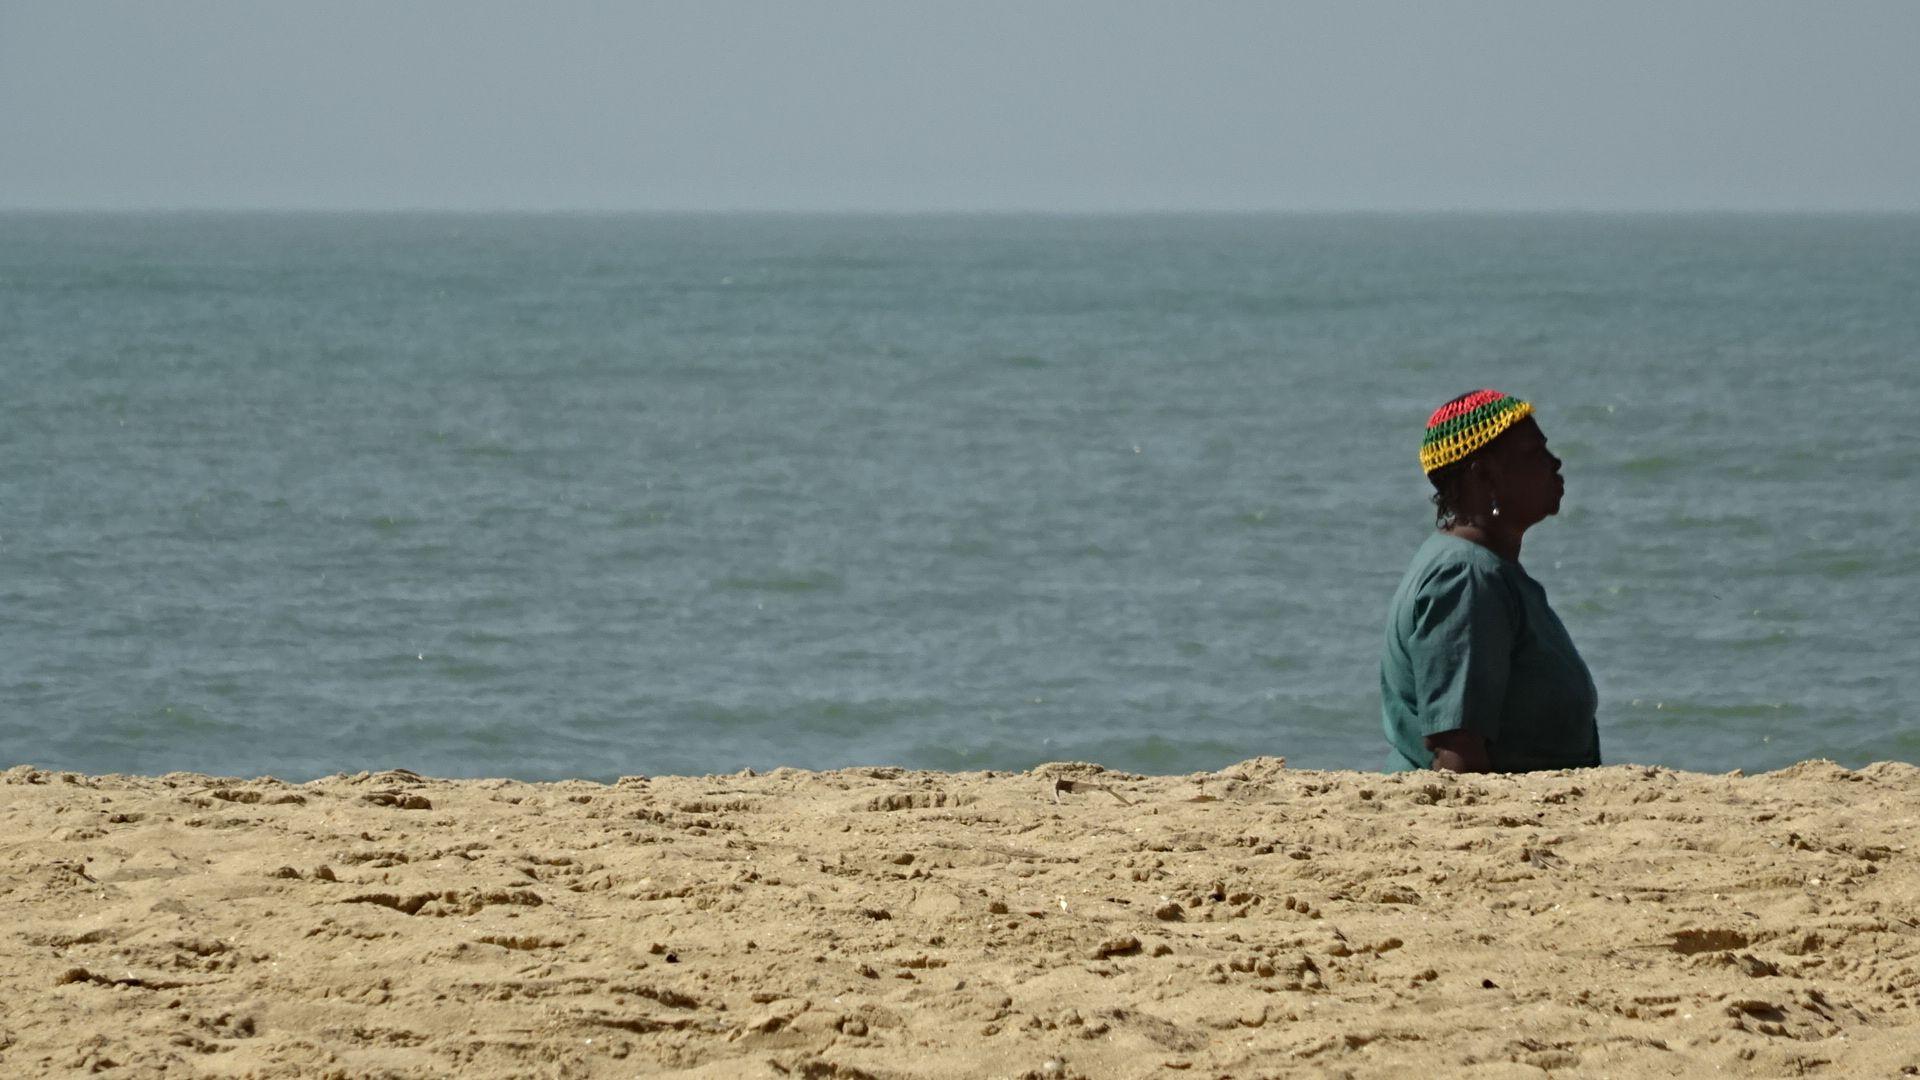 Halve vrouw op het strand - Sony